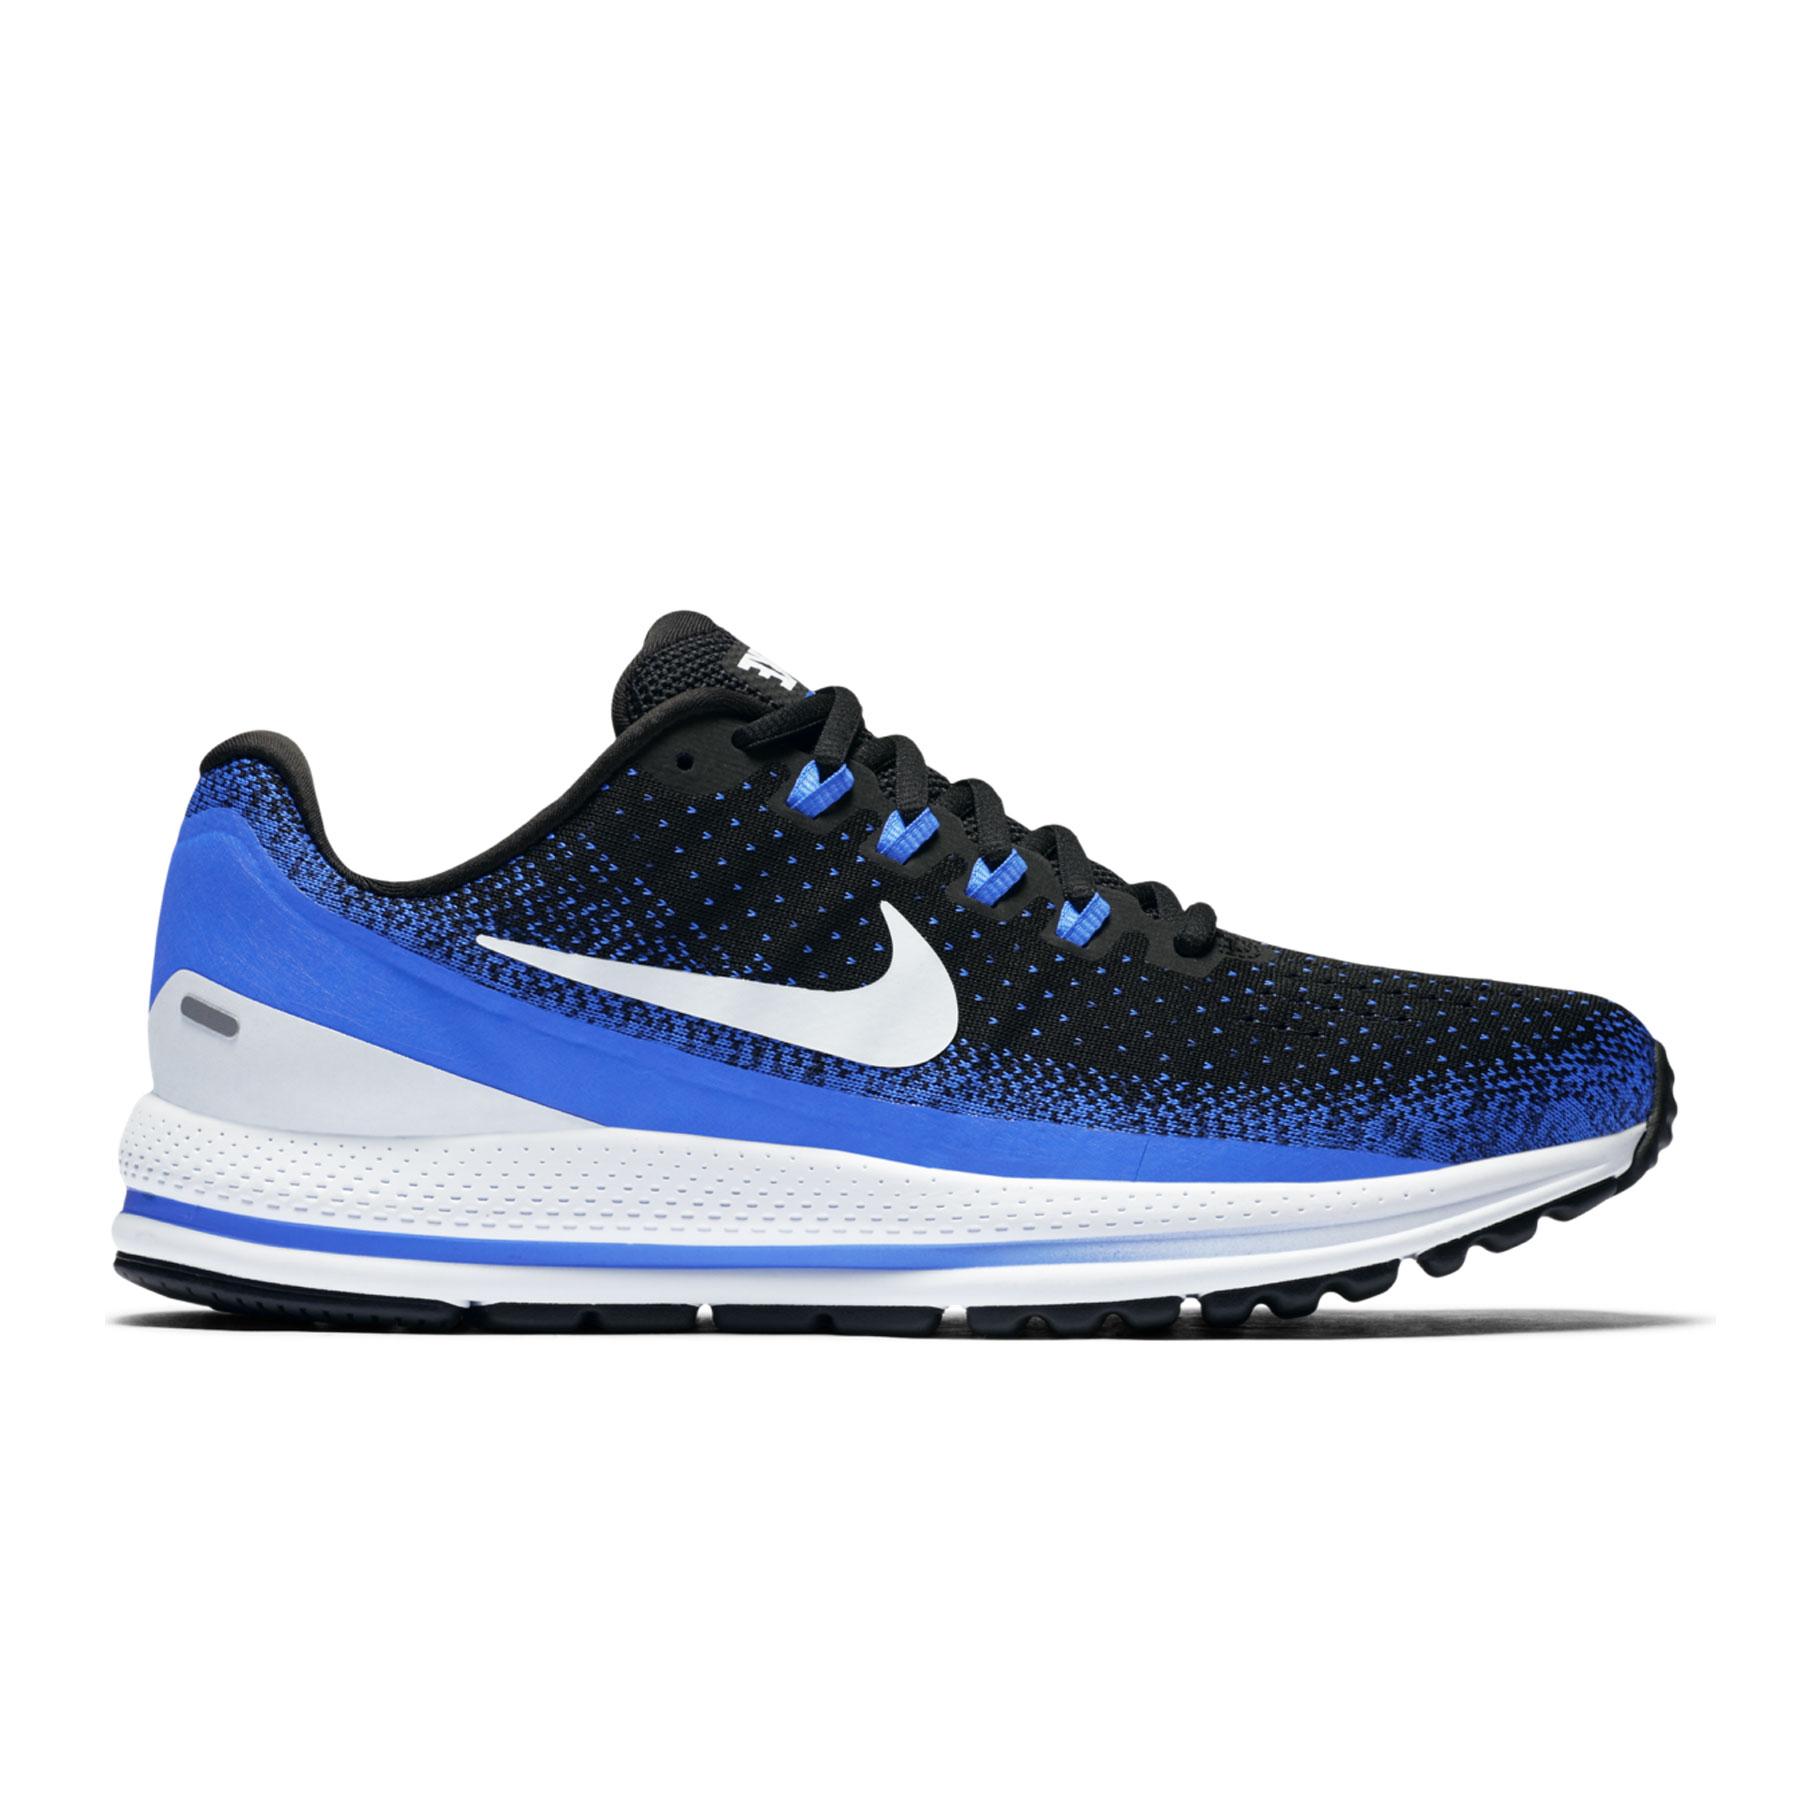 scarpe running nike caratteristiche